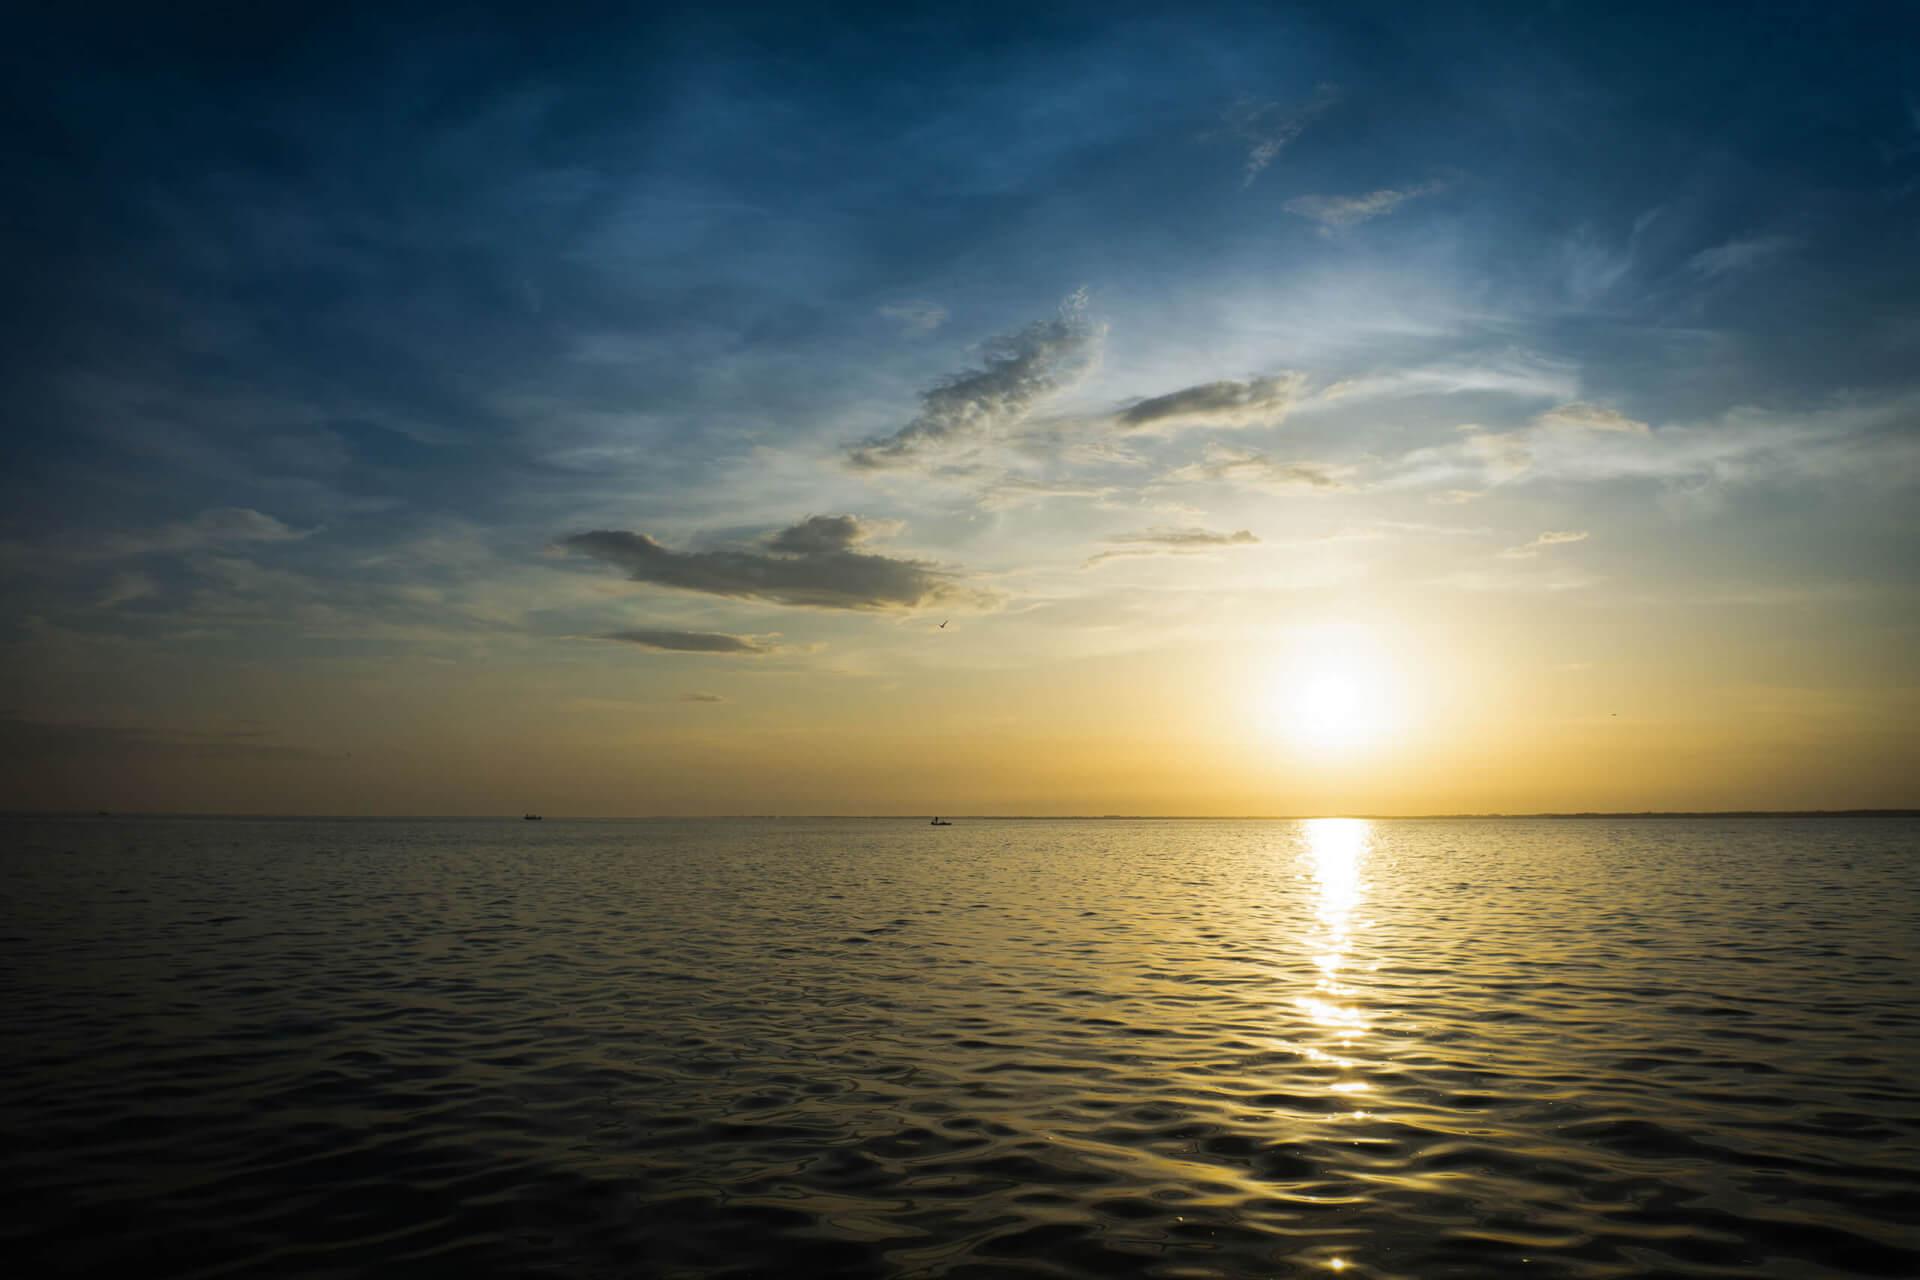 sunset on the open ocean